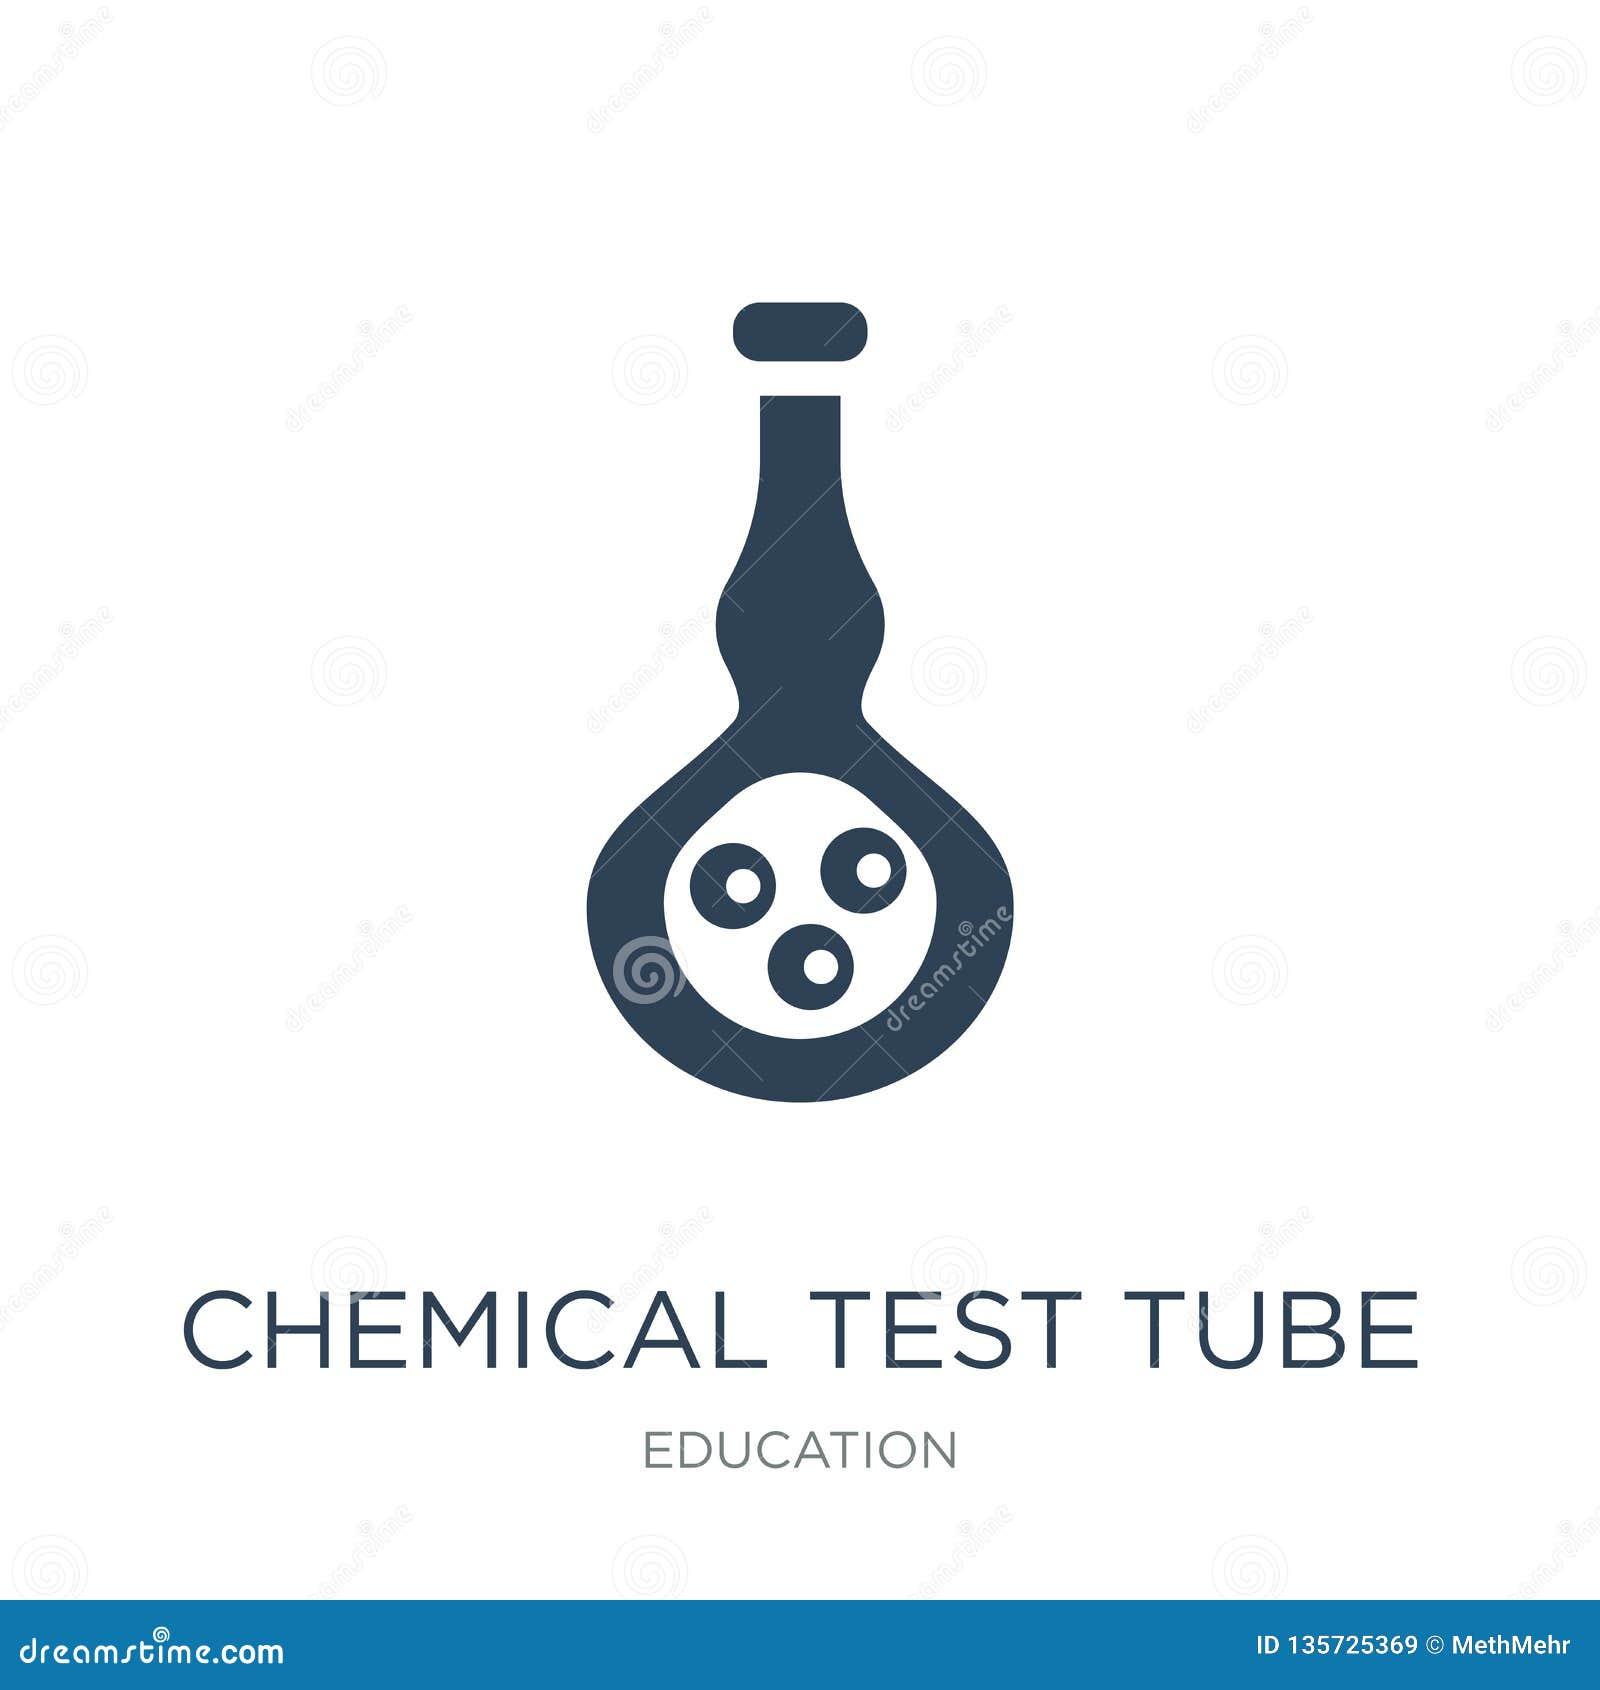 химический значок пробирки в ультрамодном стиле дизайна химический значок пробирки изолированный на белой предпосылке химический